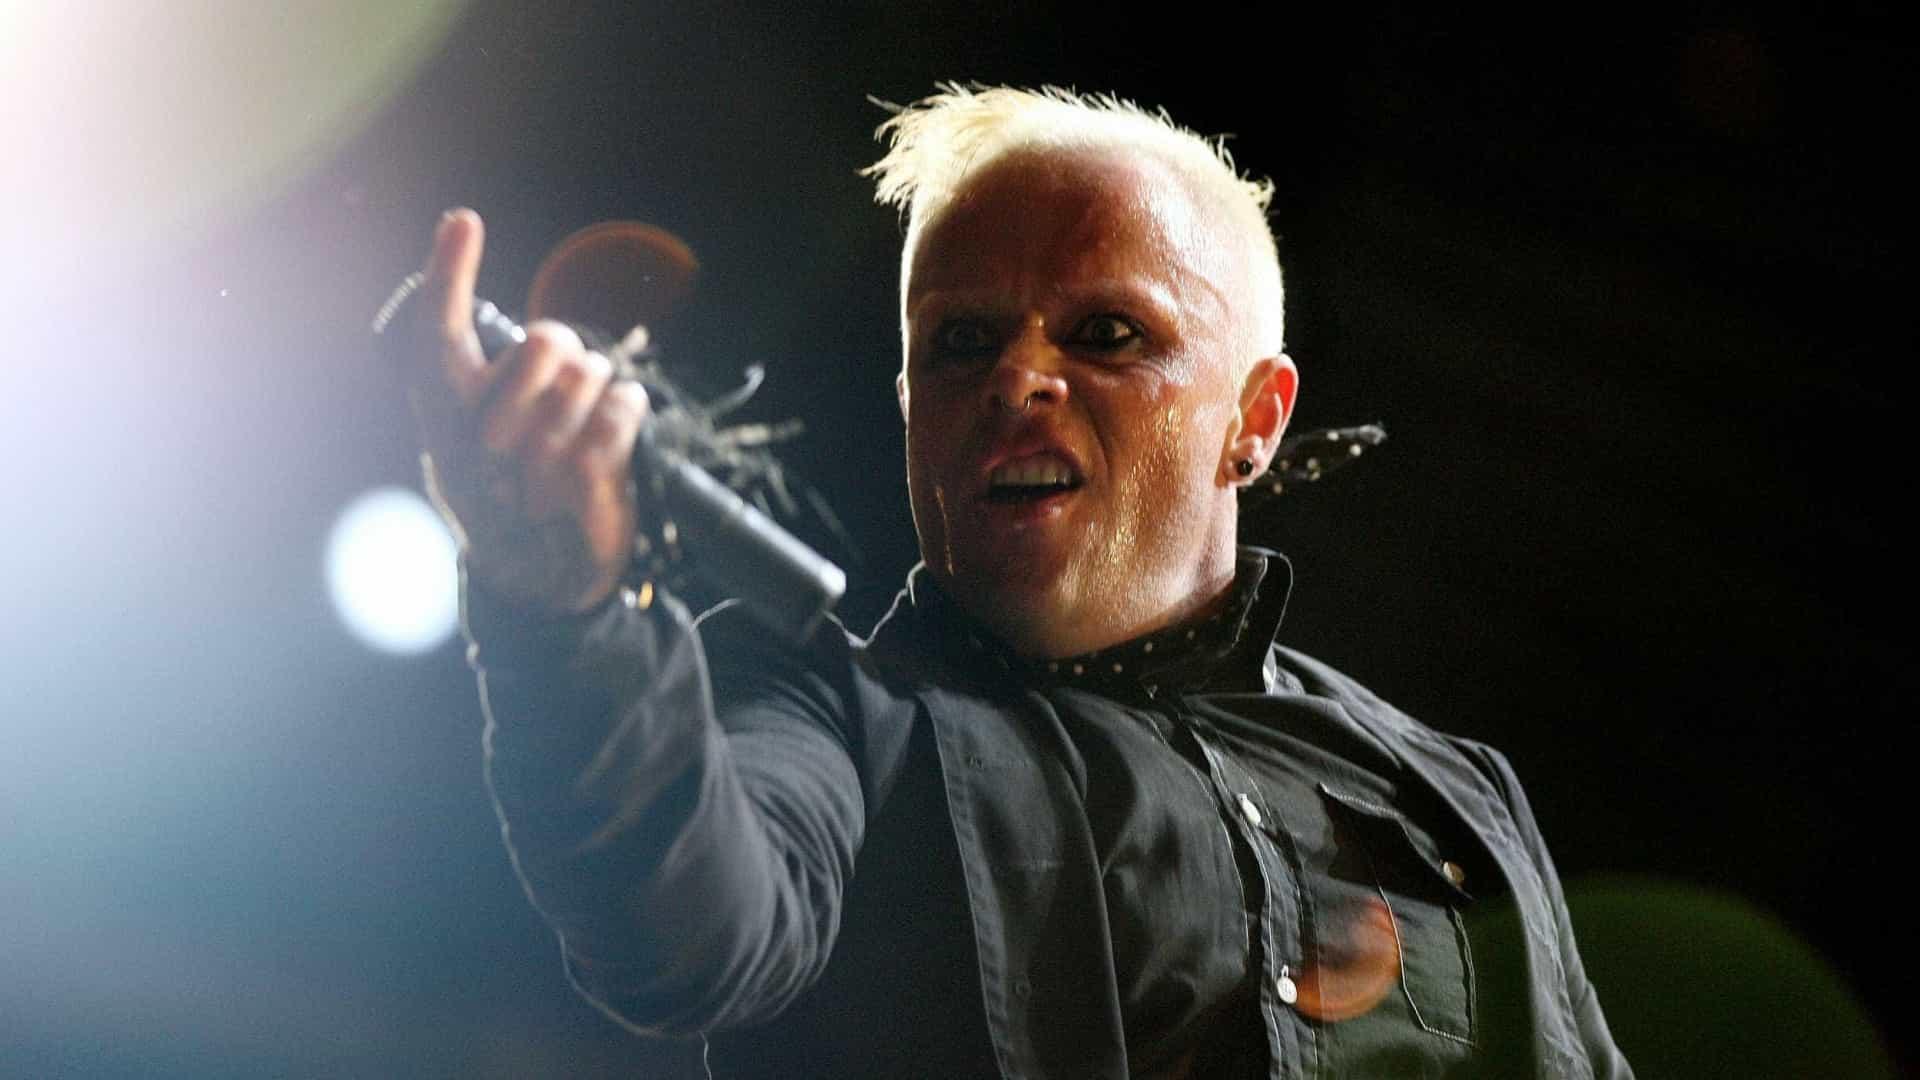 Morreu o vocalista dos Prodigy aos 49 anos